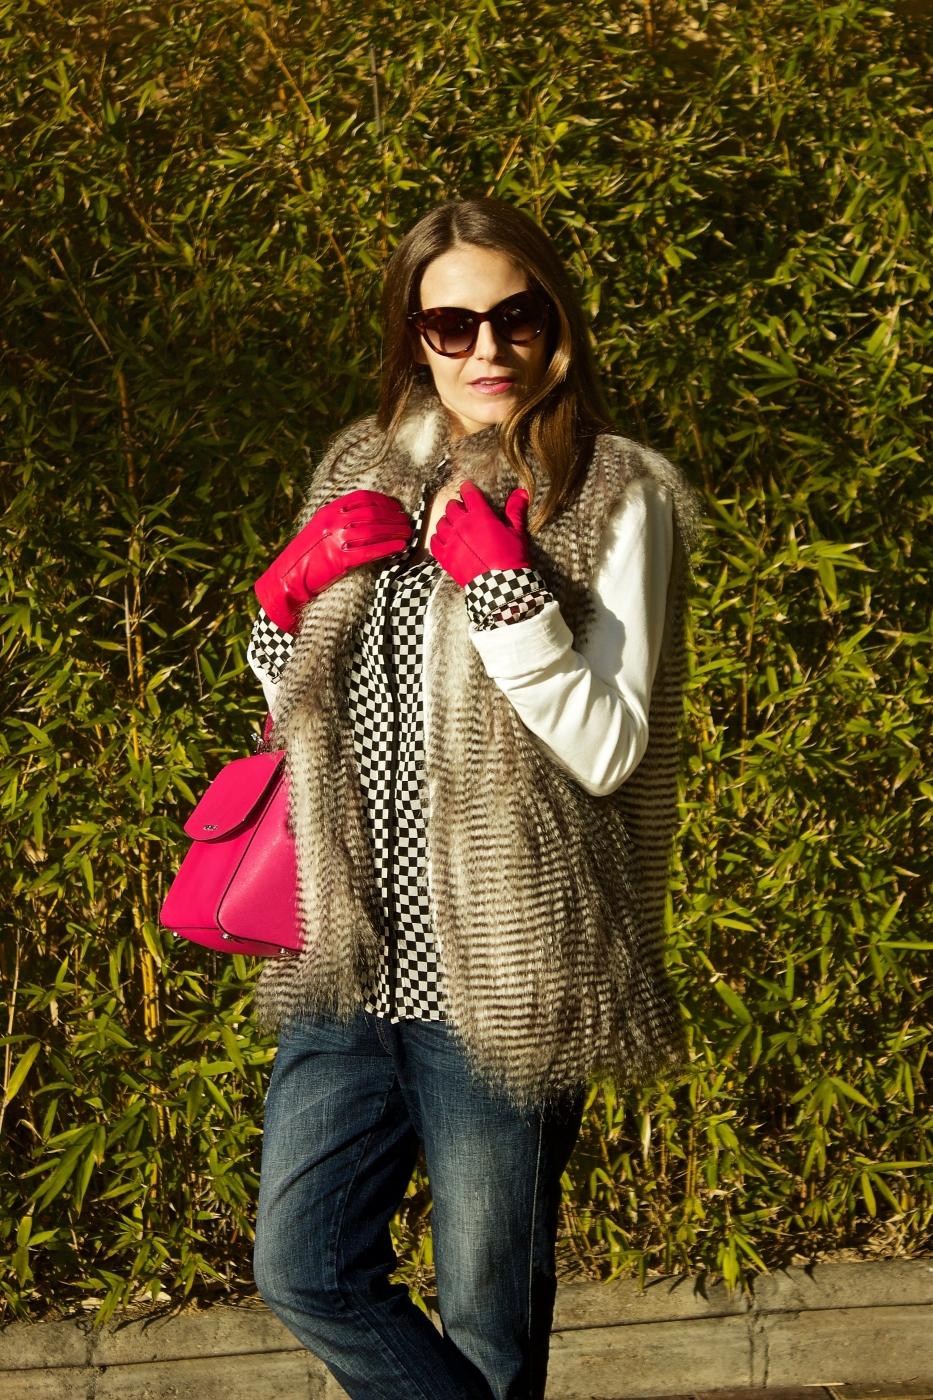 lara-vazquez-madlula-fashionblog-streetstyle-moda-style-lady-fucsia-details